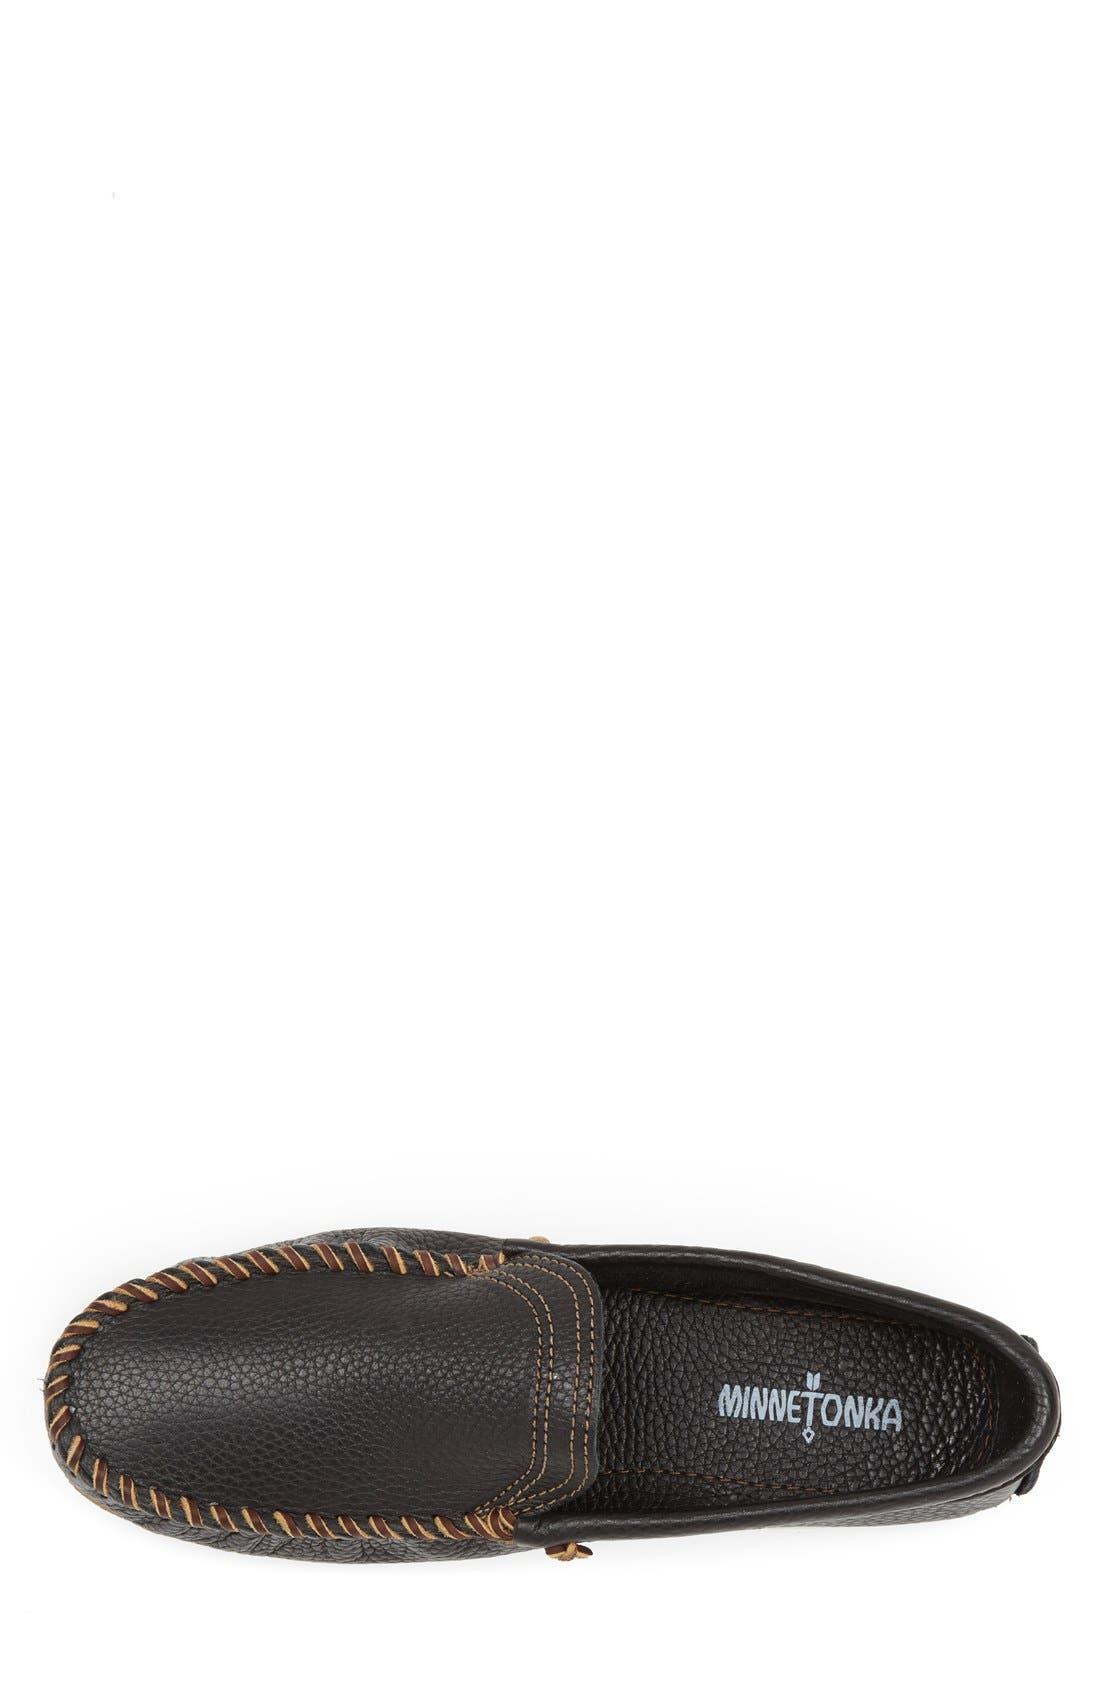 Alternate Image 3  - Minnetonka Venetian Loafer